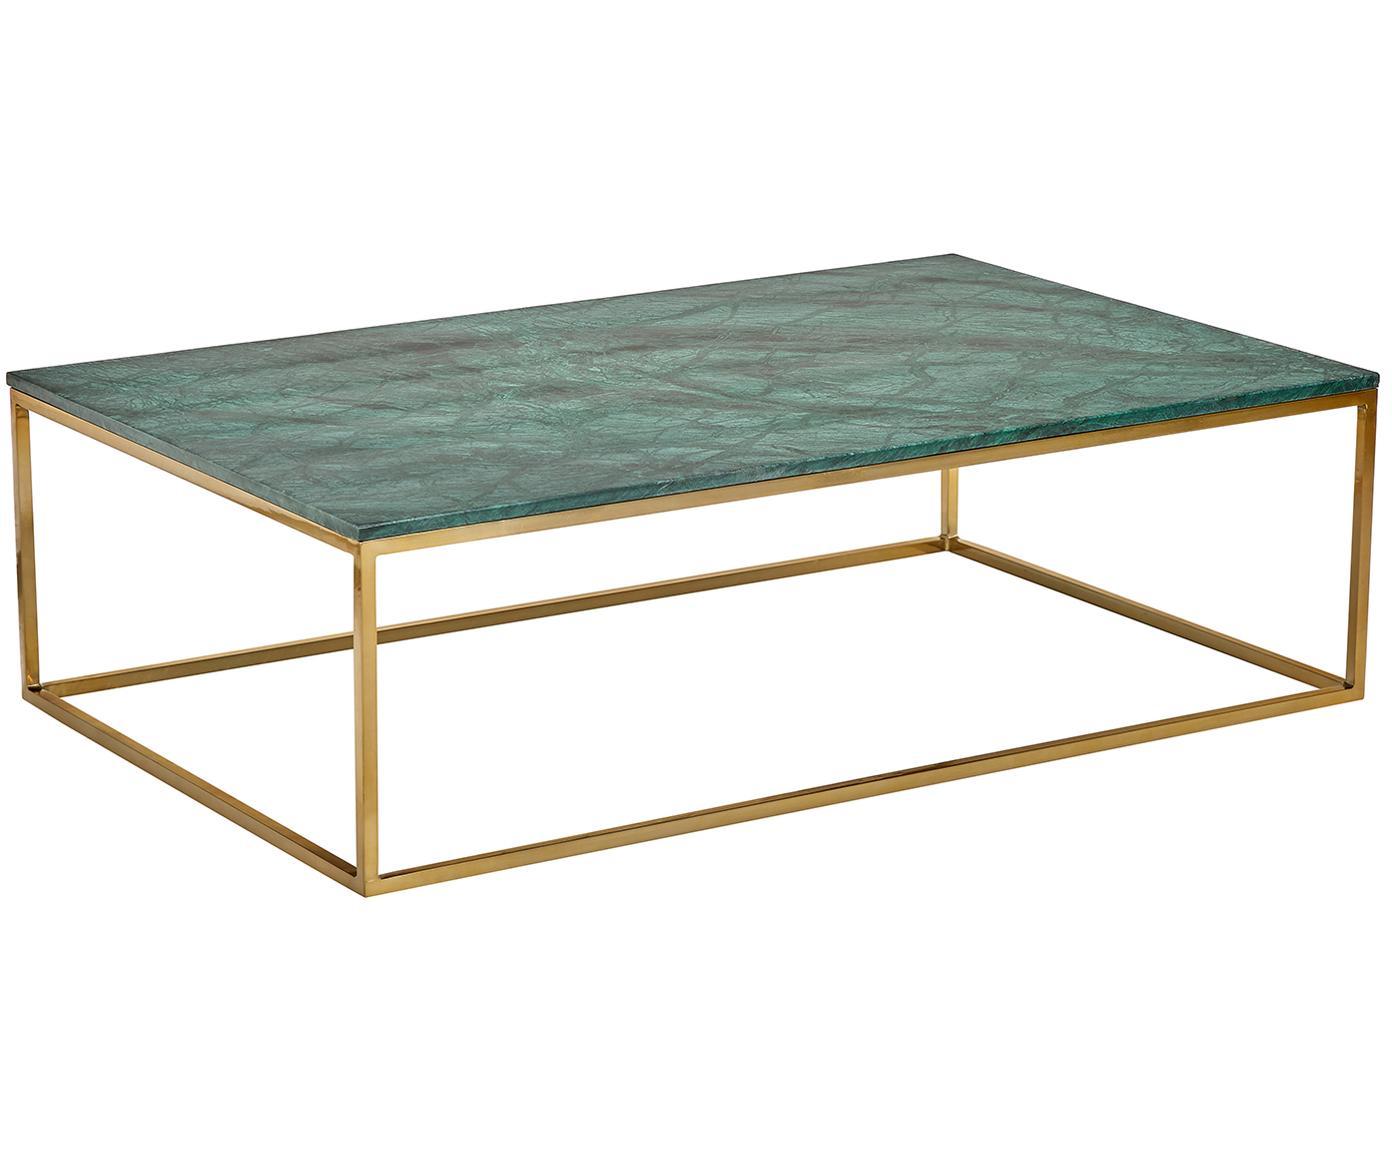 Marmeren salontafel Alys, Tafelblad: marmer natuursteen, Frame: gecoat metaal, Groen marmer, goudkleurig, B 120 x D 75 cm